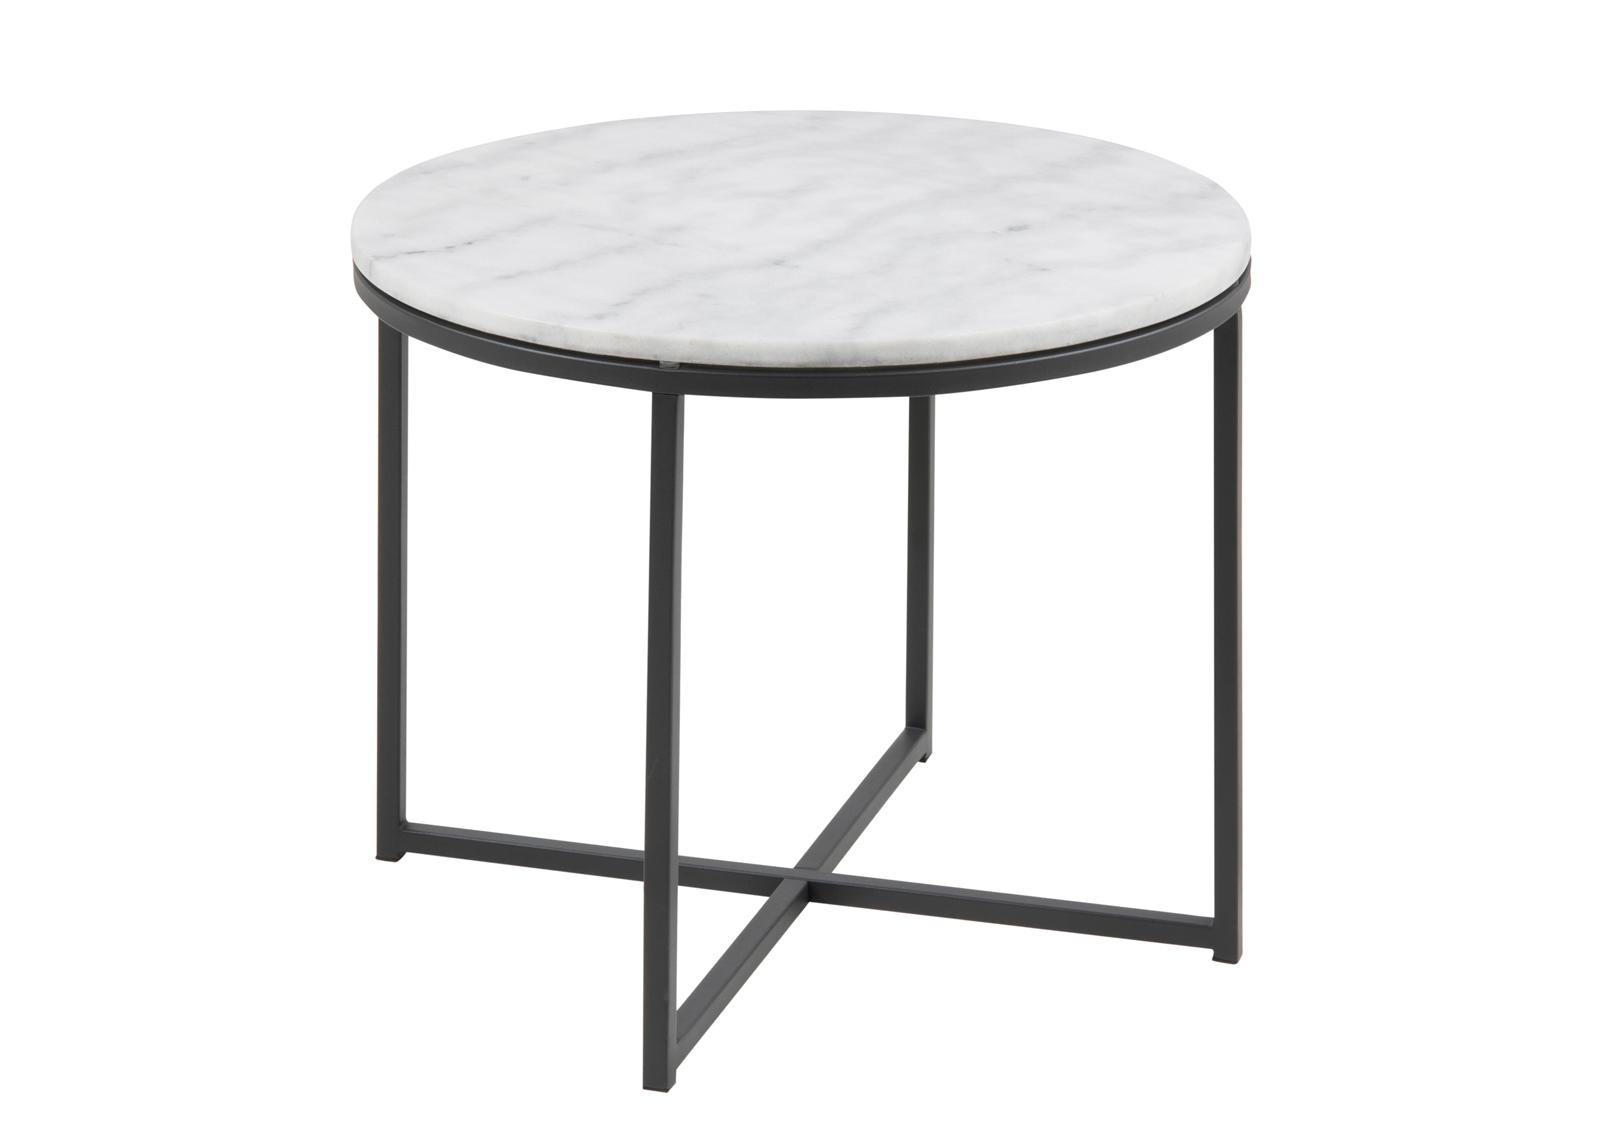 Sohvapöytä marmorilevyllä Cross Ø 55 cm